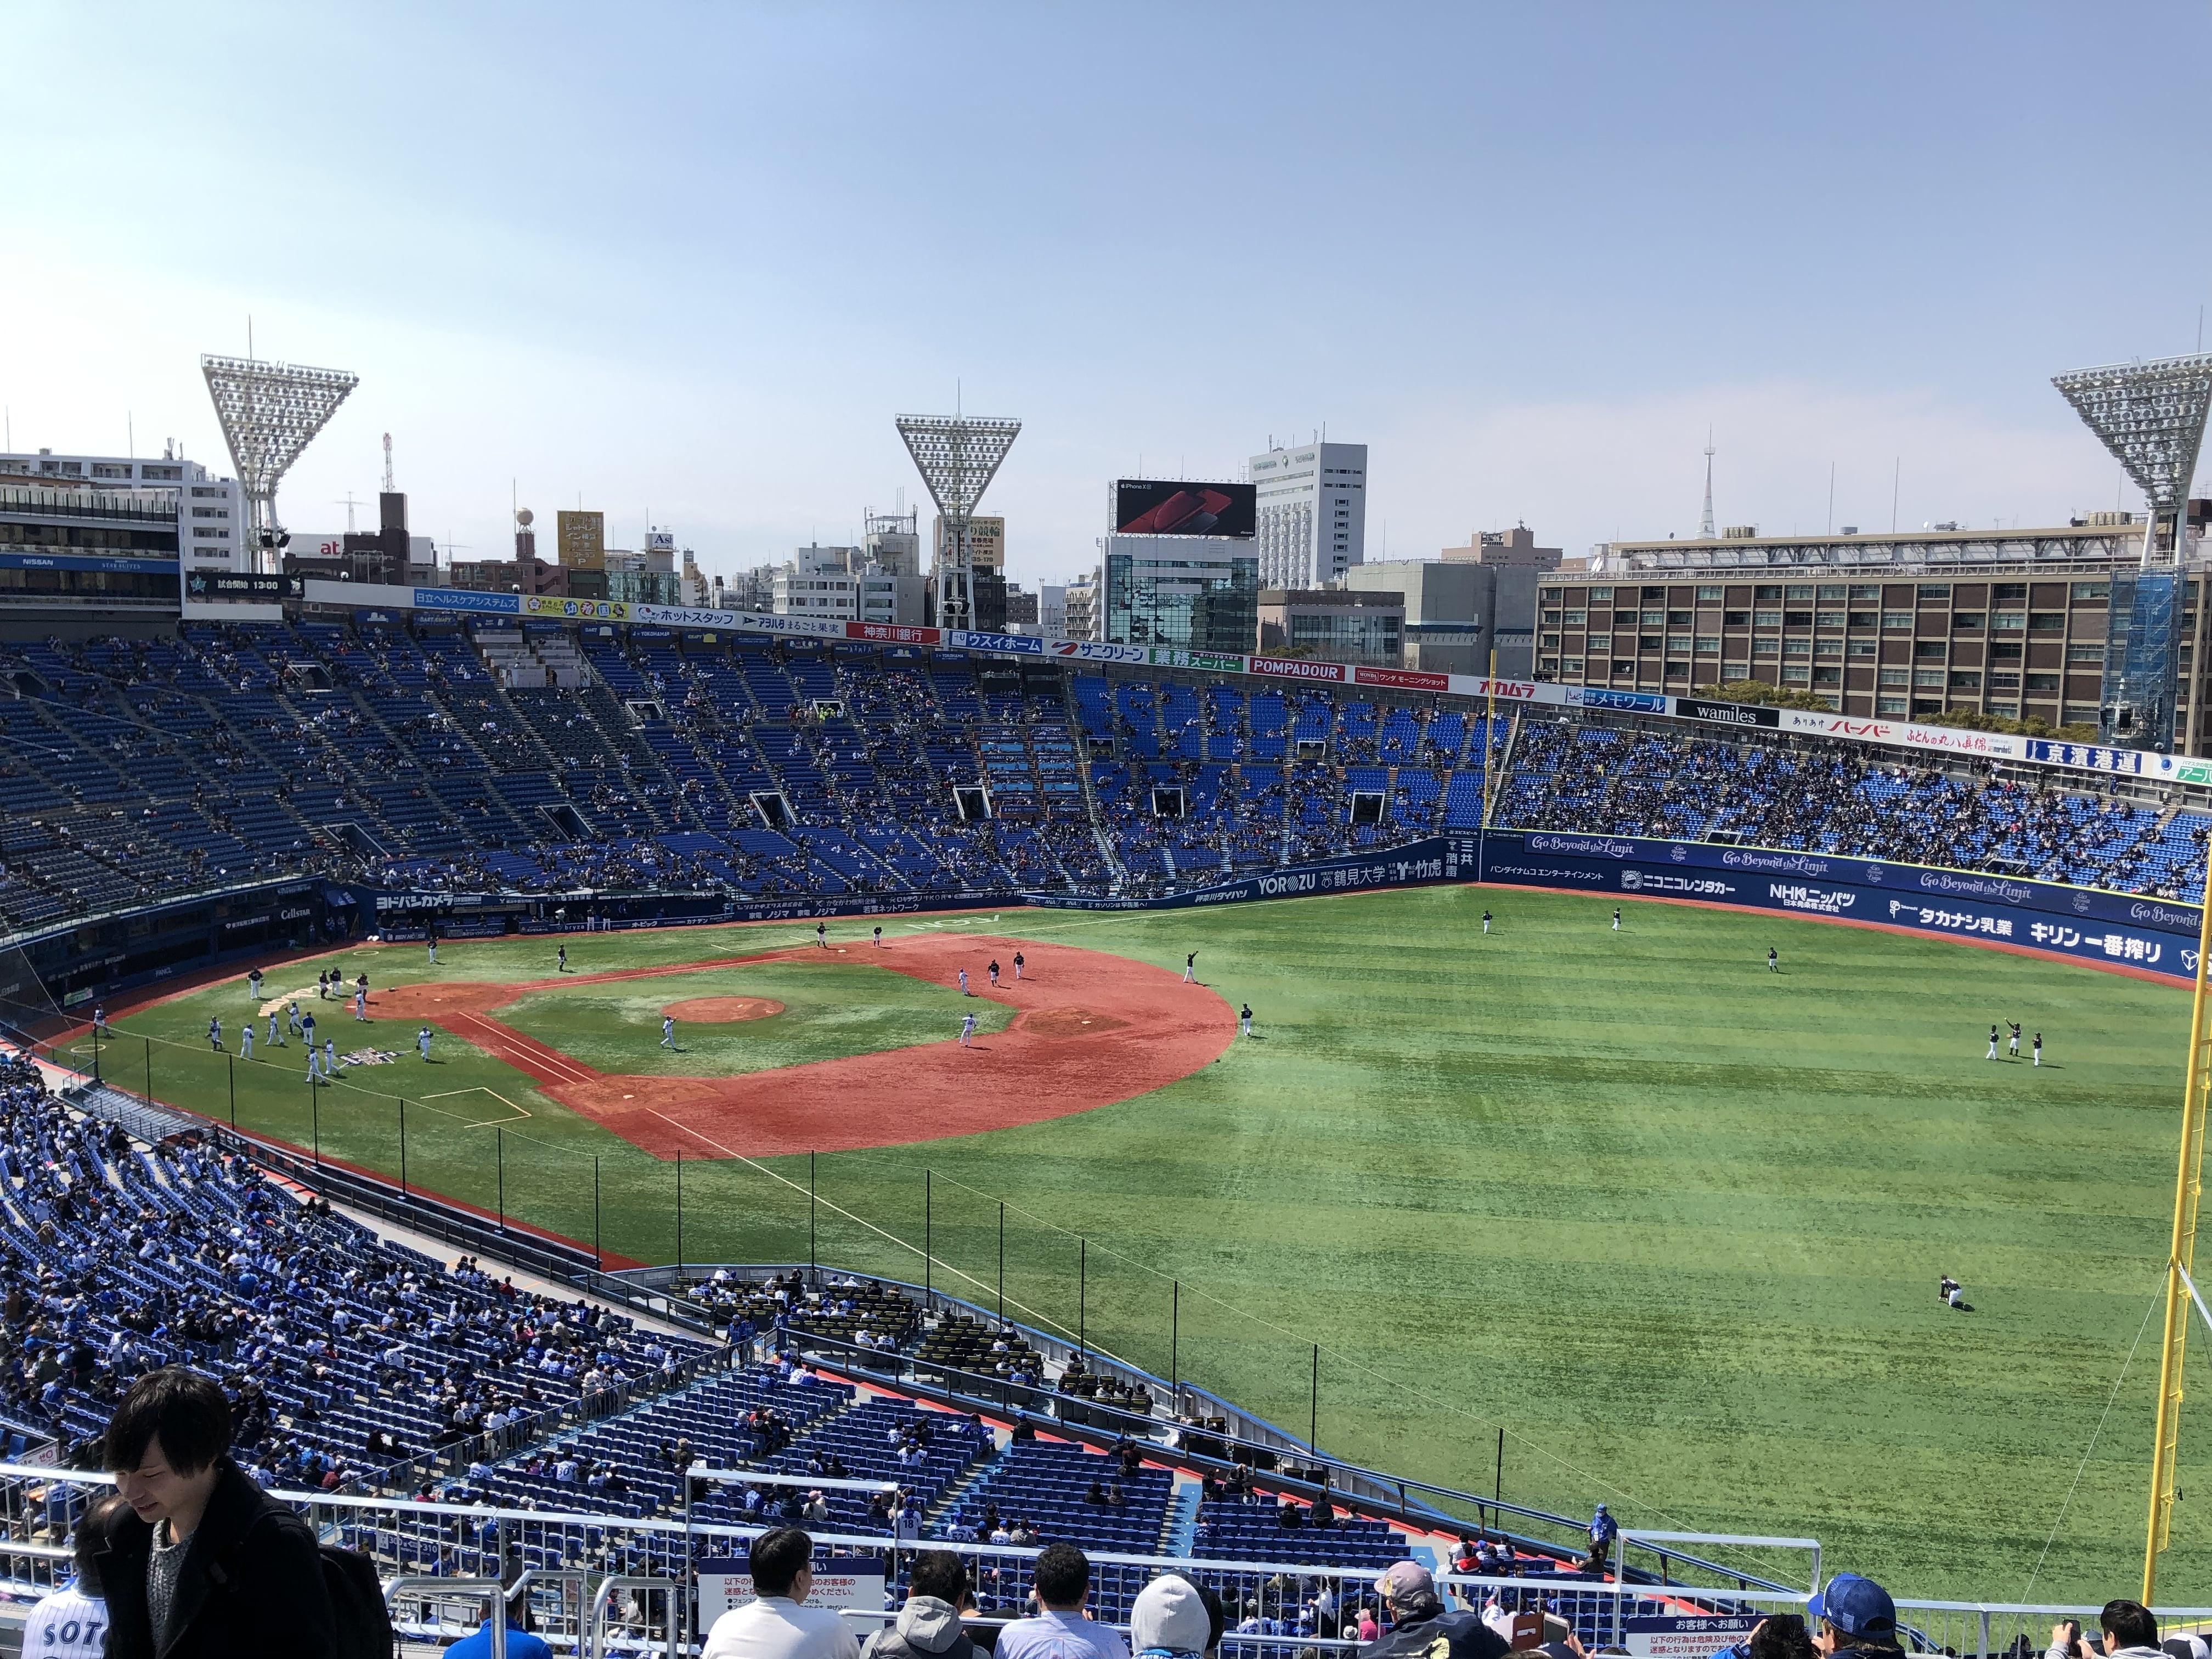 横浜ベイスターズ(オープン戦) ウィング席に行ってきた!